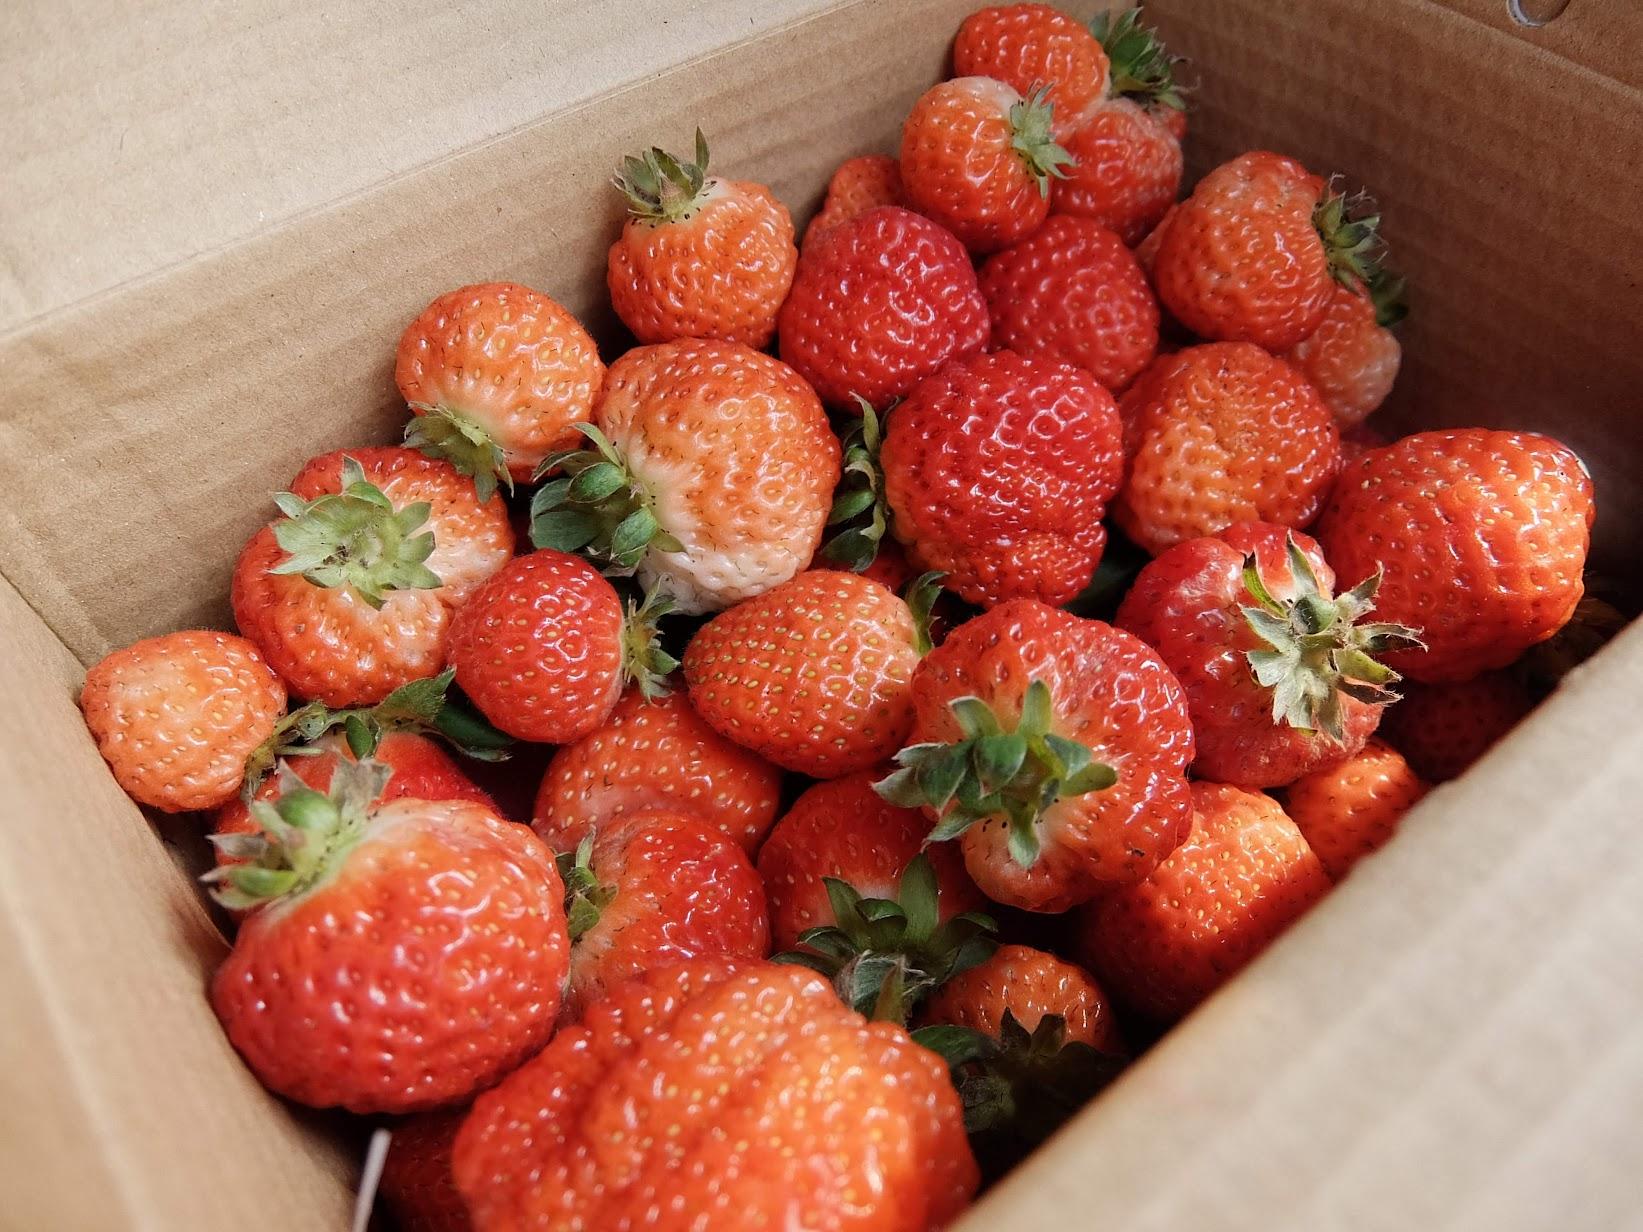 滿滿的草莓啊